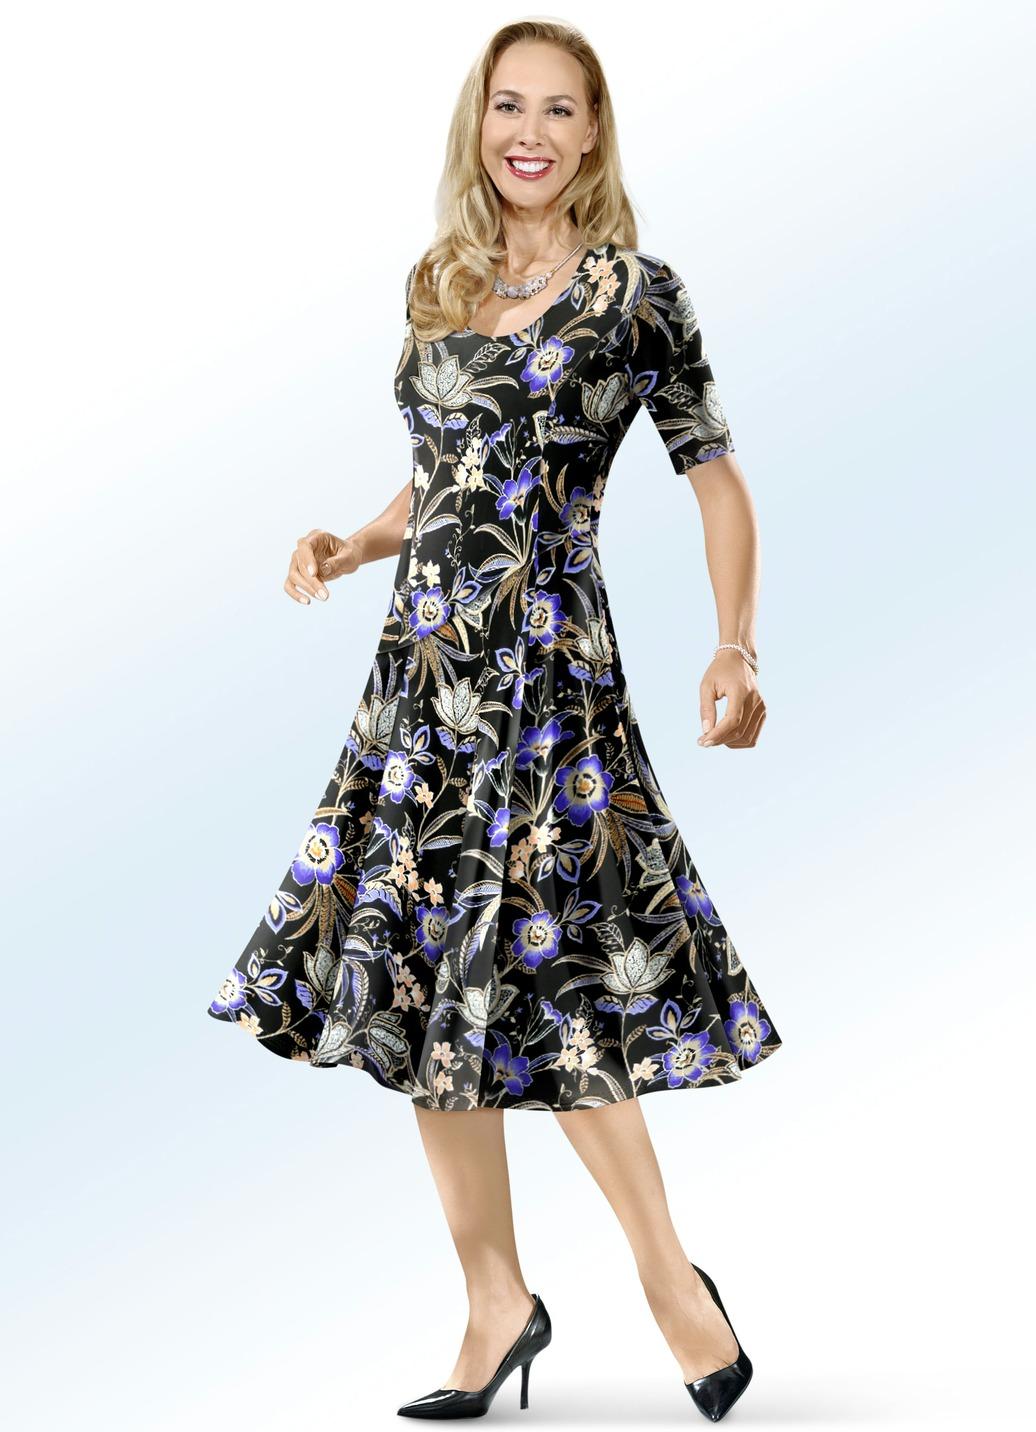 KLAUS MODELLE Kleid mit farbbrillantem Inkjet-Druck Schwarz-Bunt Größe 23 Damen Preisvergleich